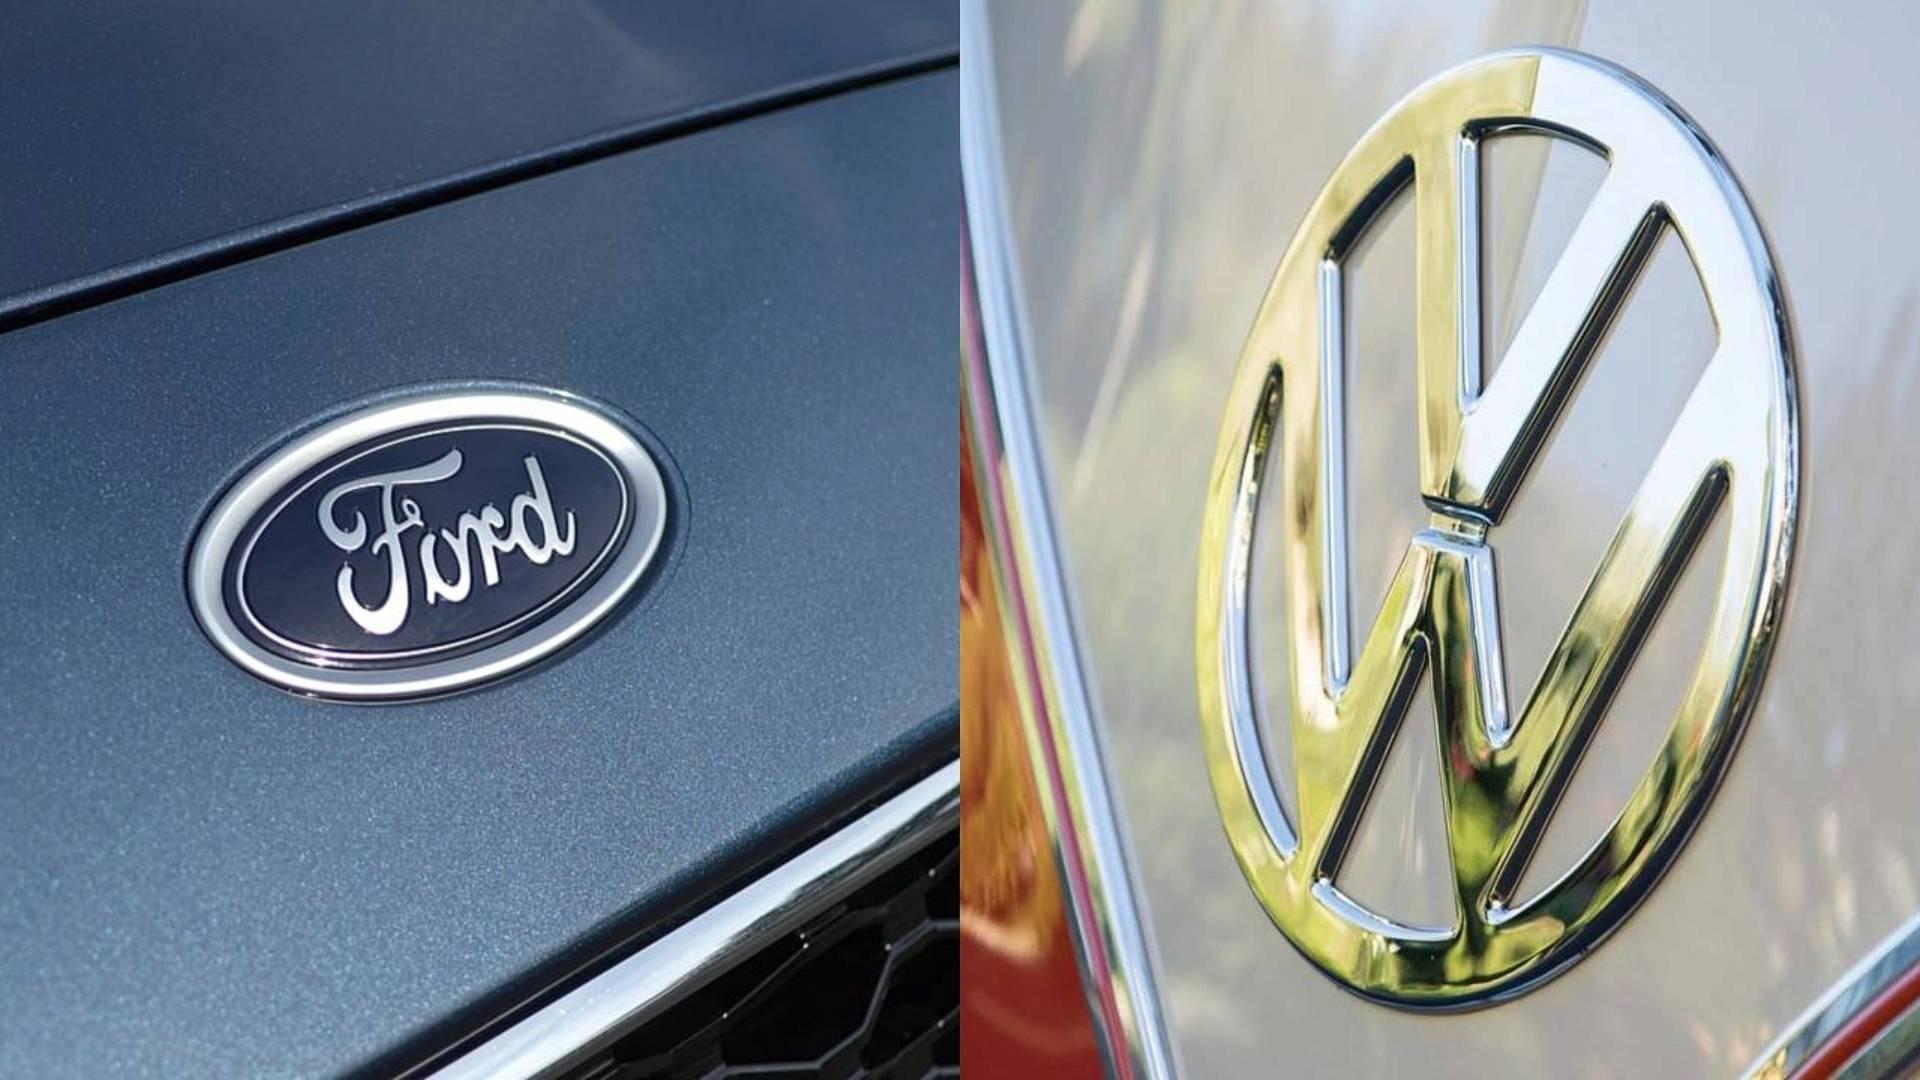 VW i Ford u pregovorima oko saradnje u oblasti autonomne vožnje i električnih vozila